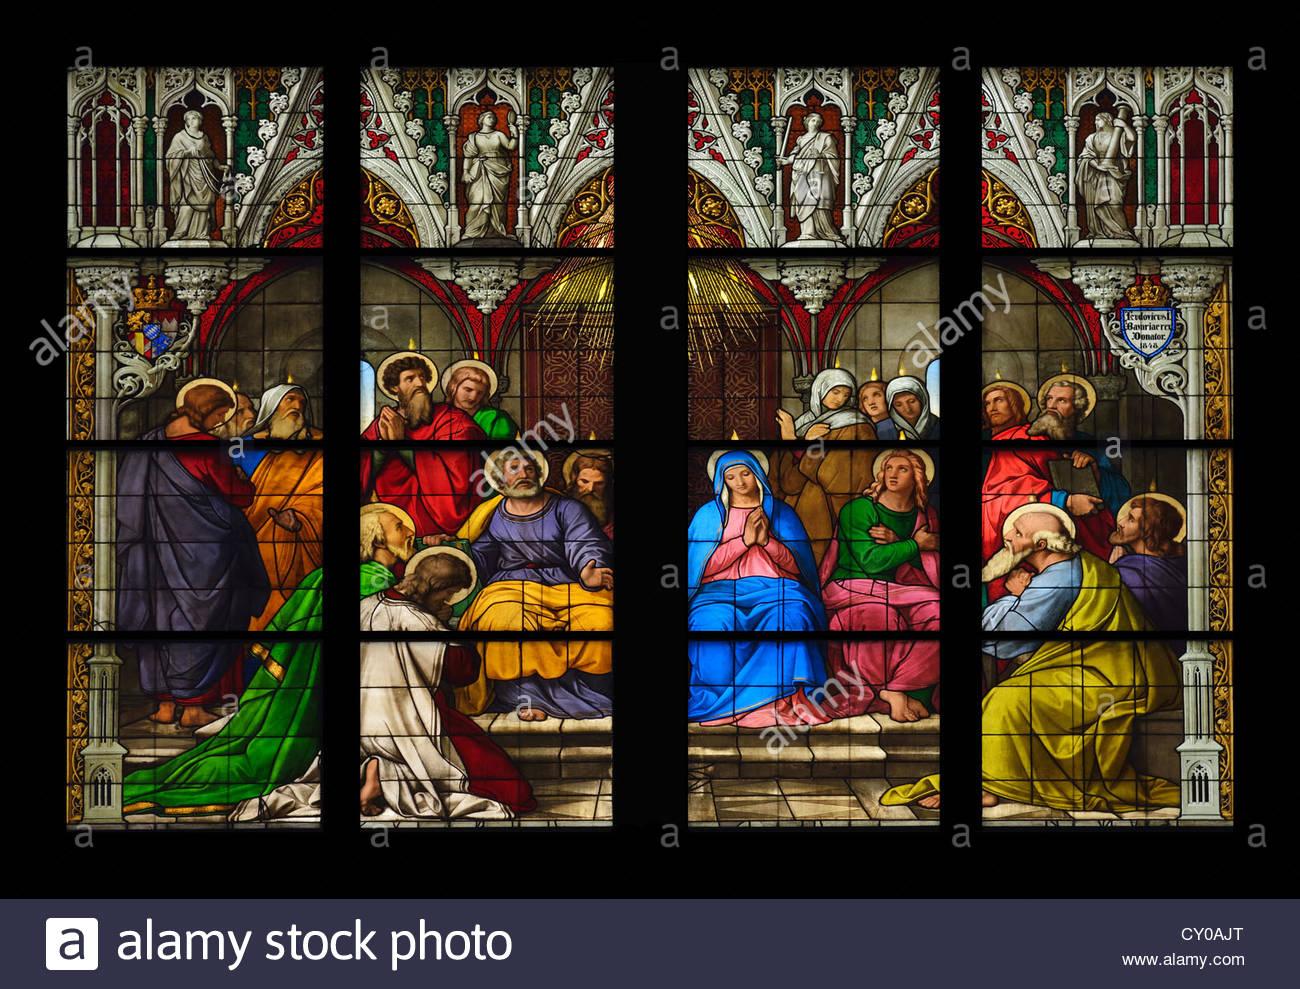 Partie centrale de la fenêtre d'Pfingstfenster, descente de l'Esprit Saint, la cathédrale de Cologne, Photo Stock